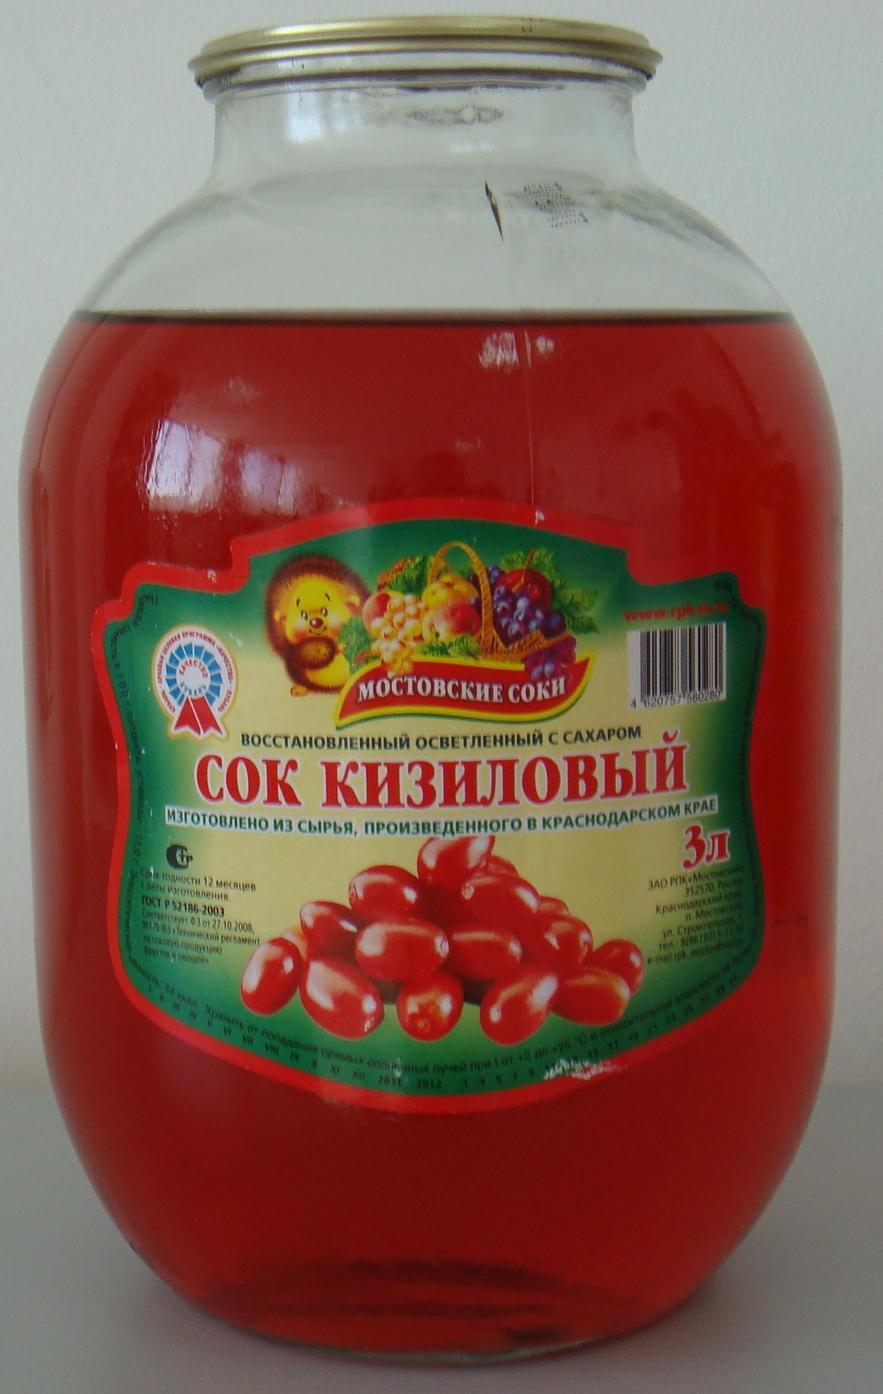 """Сок кизиловый осветленный с сахаром 3 литра """"Мостовские соки"""""""